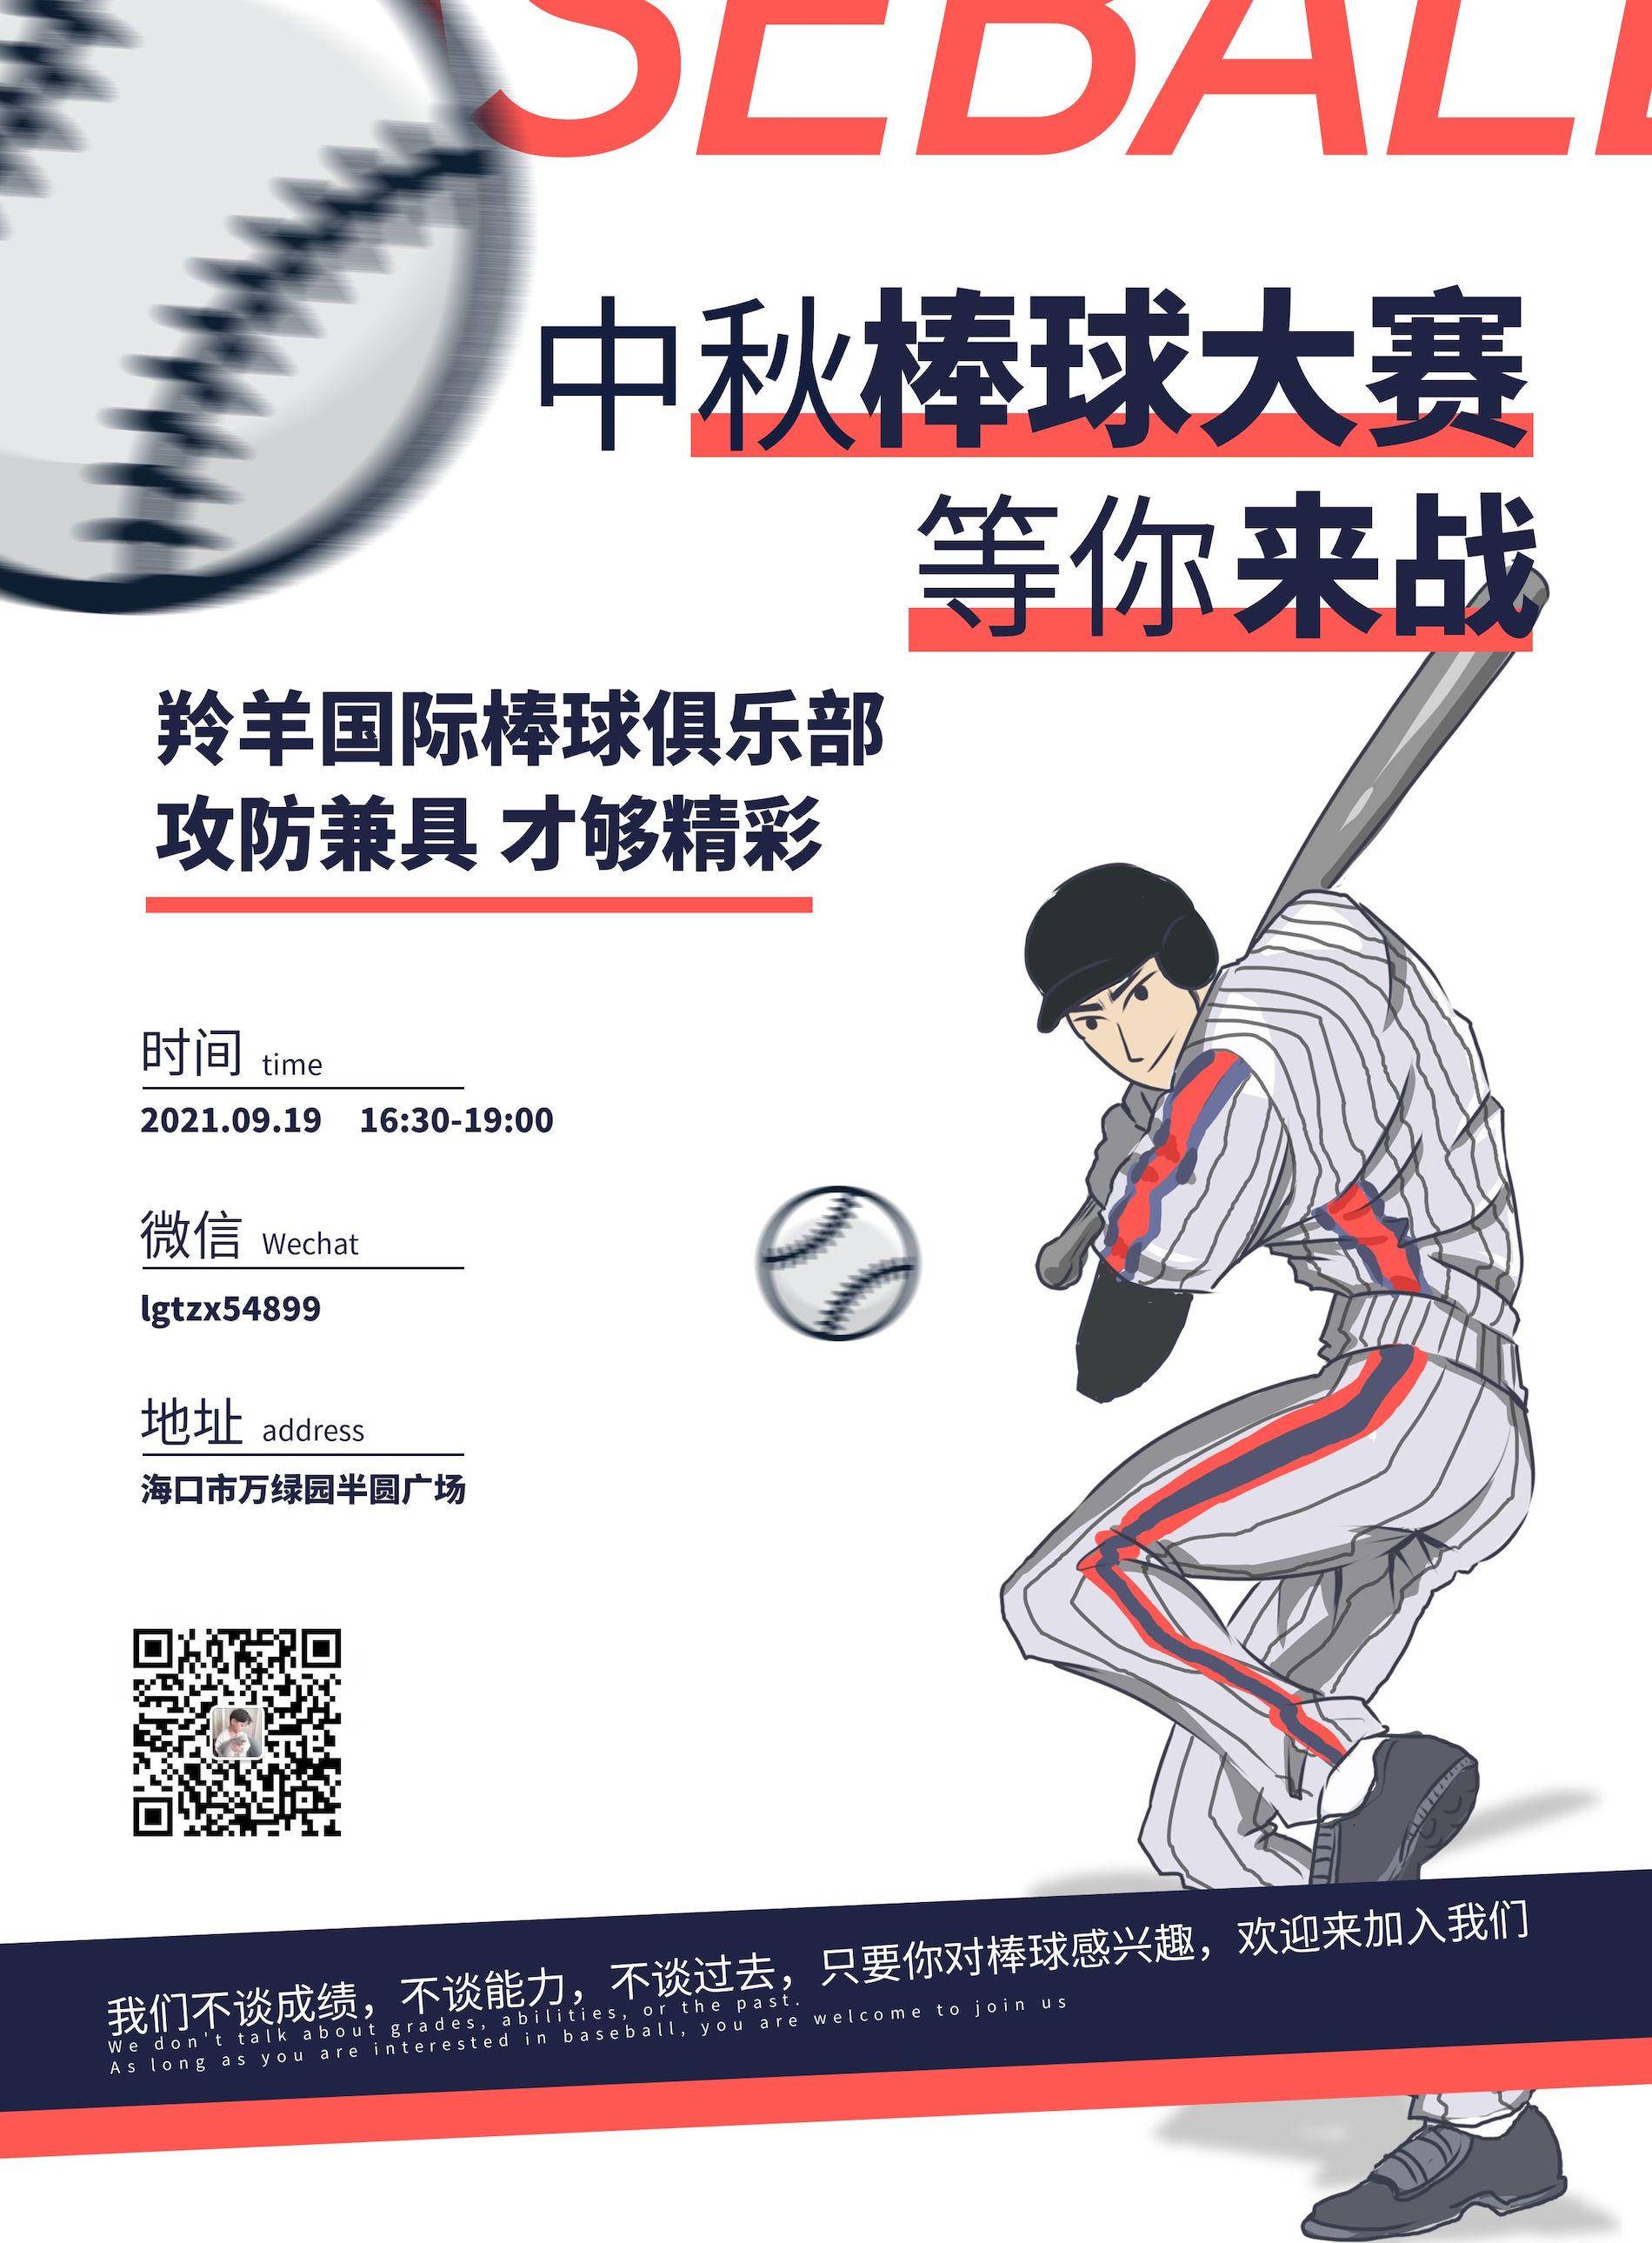 3-Baseball.jpg